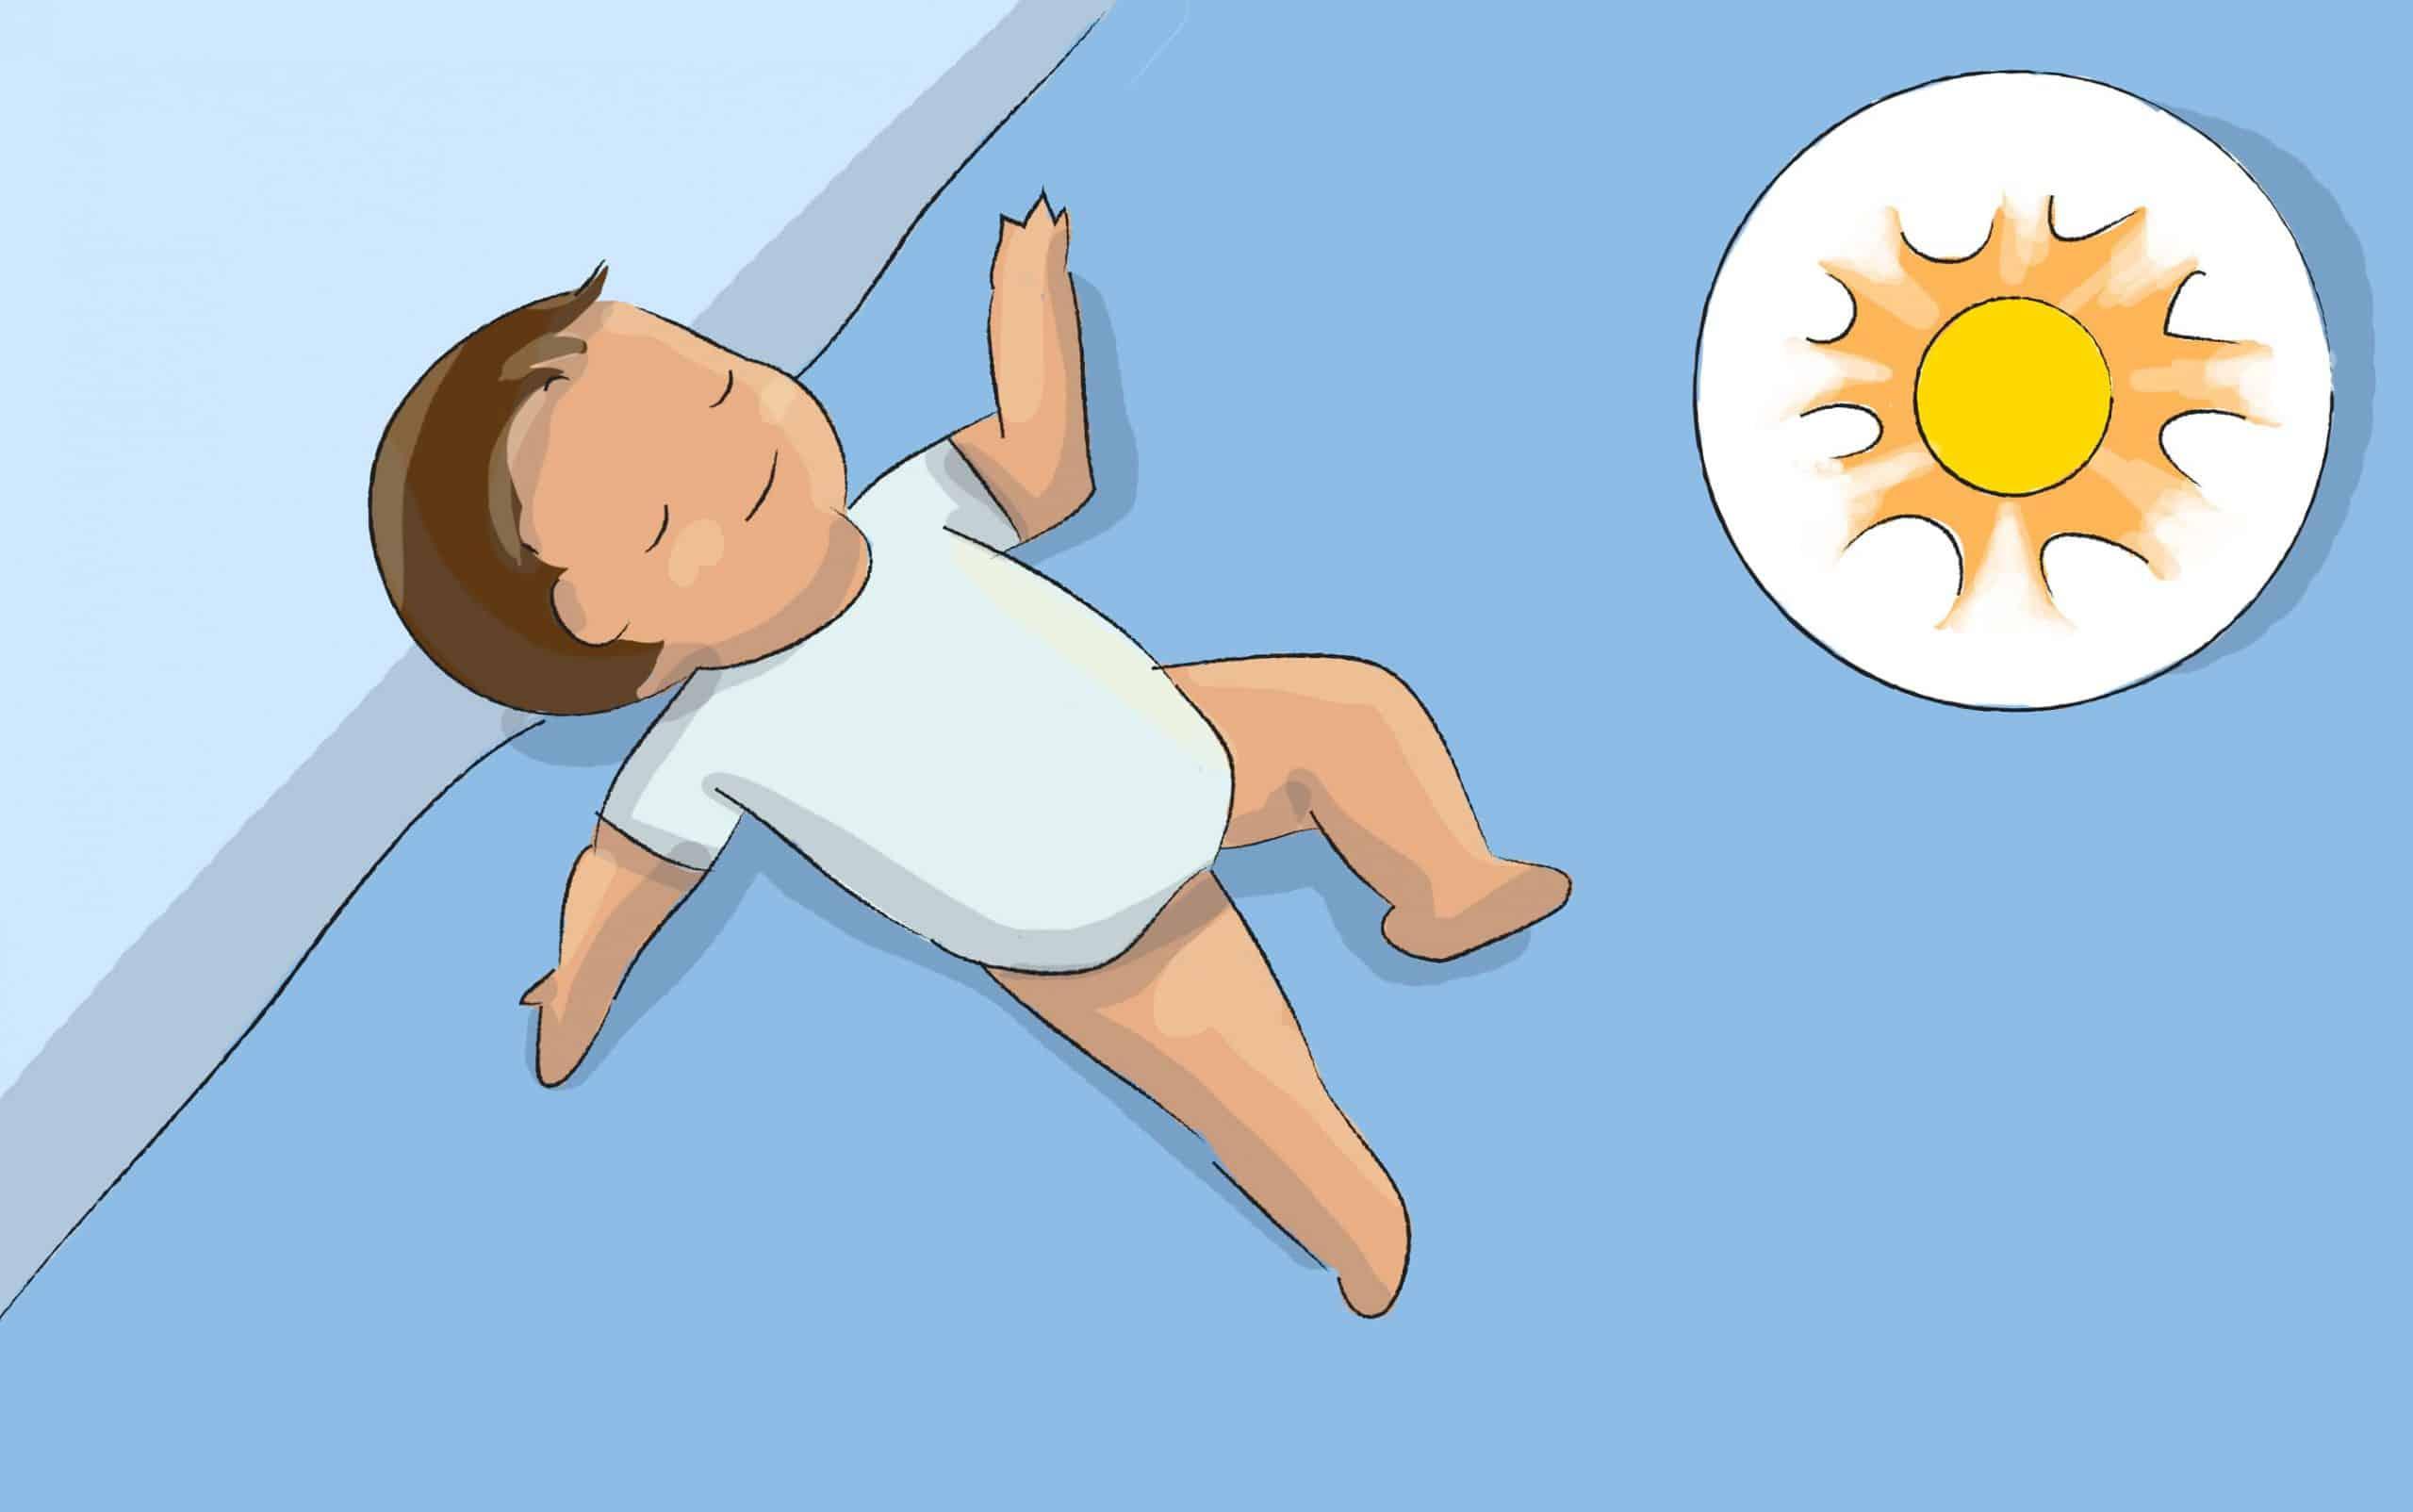 במזג אוויר חם, הלבישו את התינוק בגופיה דקה וקצרה ובחיתול בלבד ולאחר מכן עטפו אותו